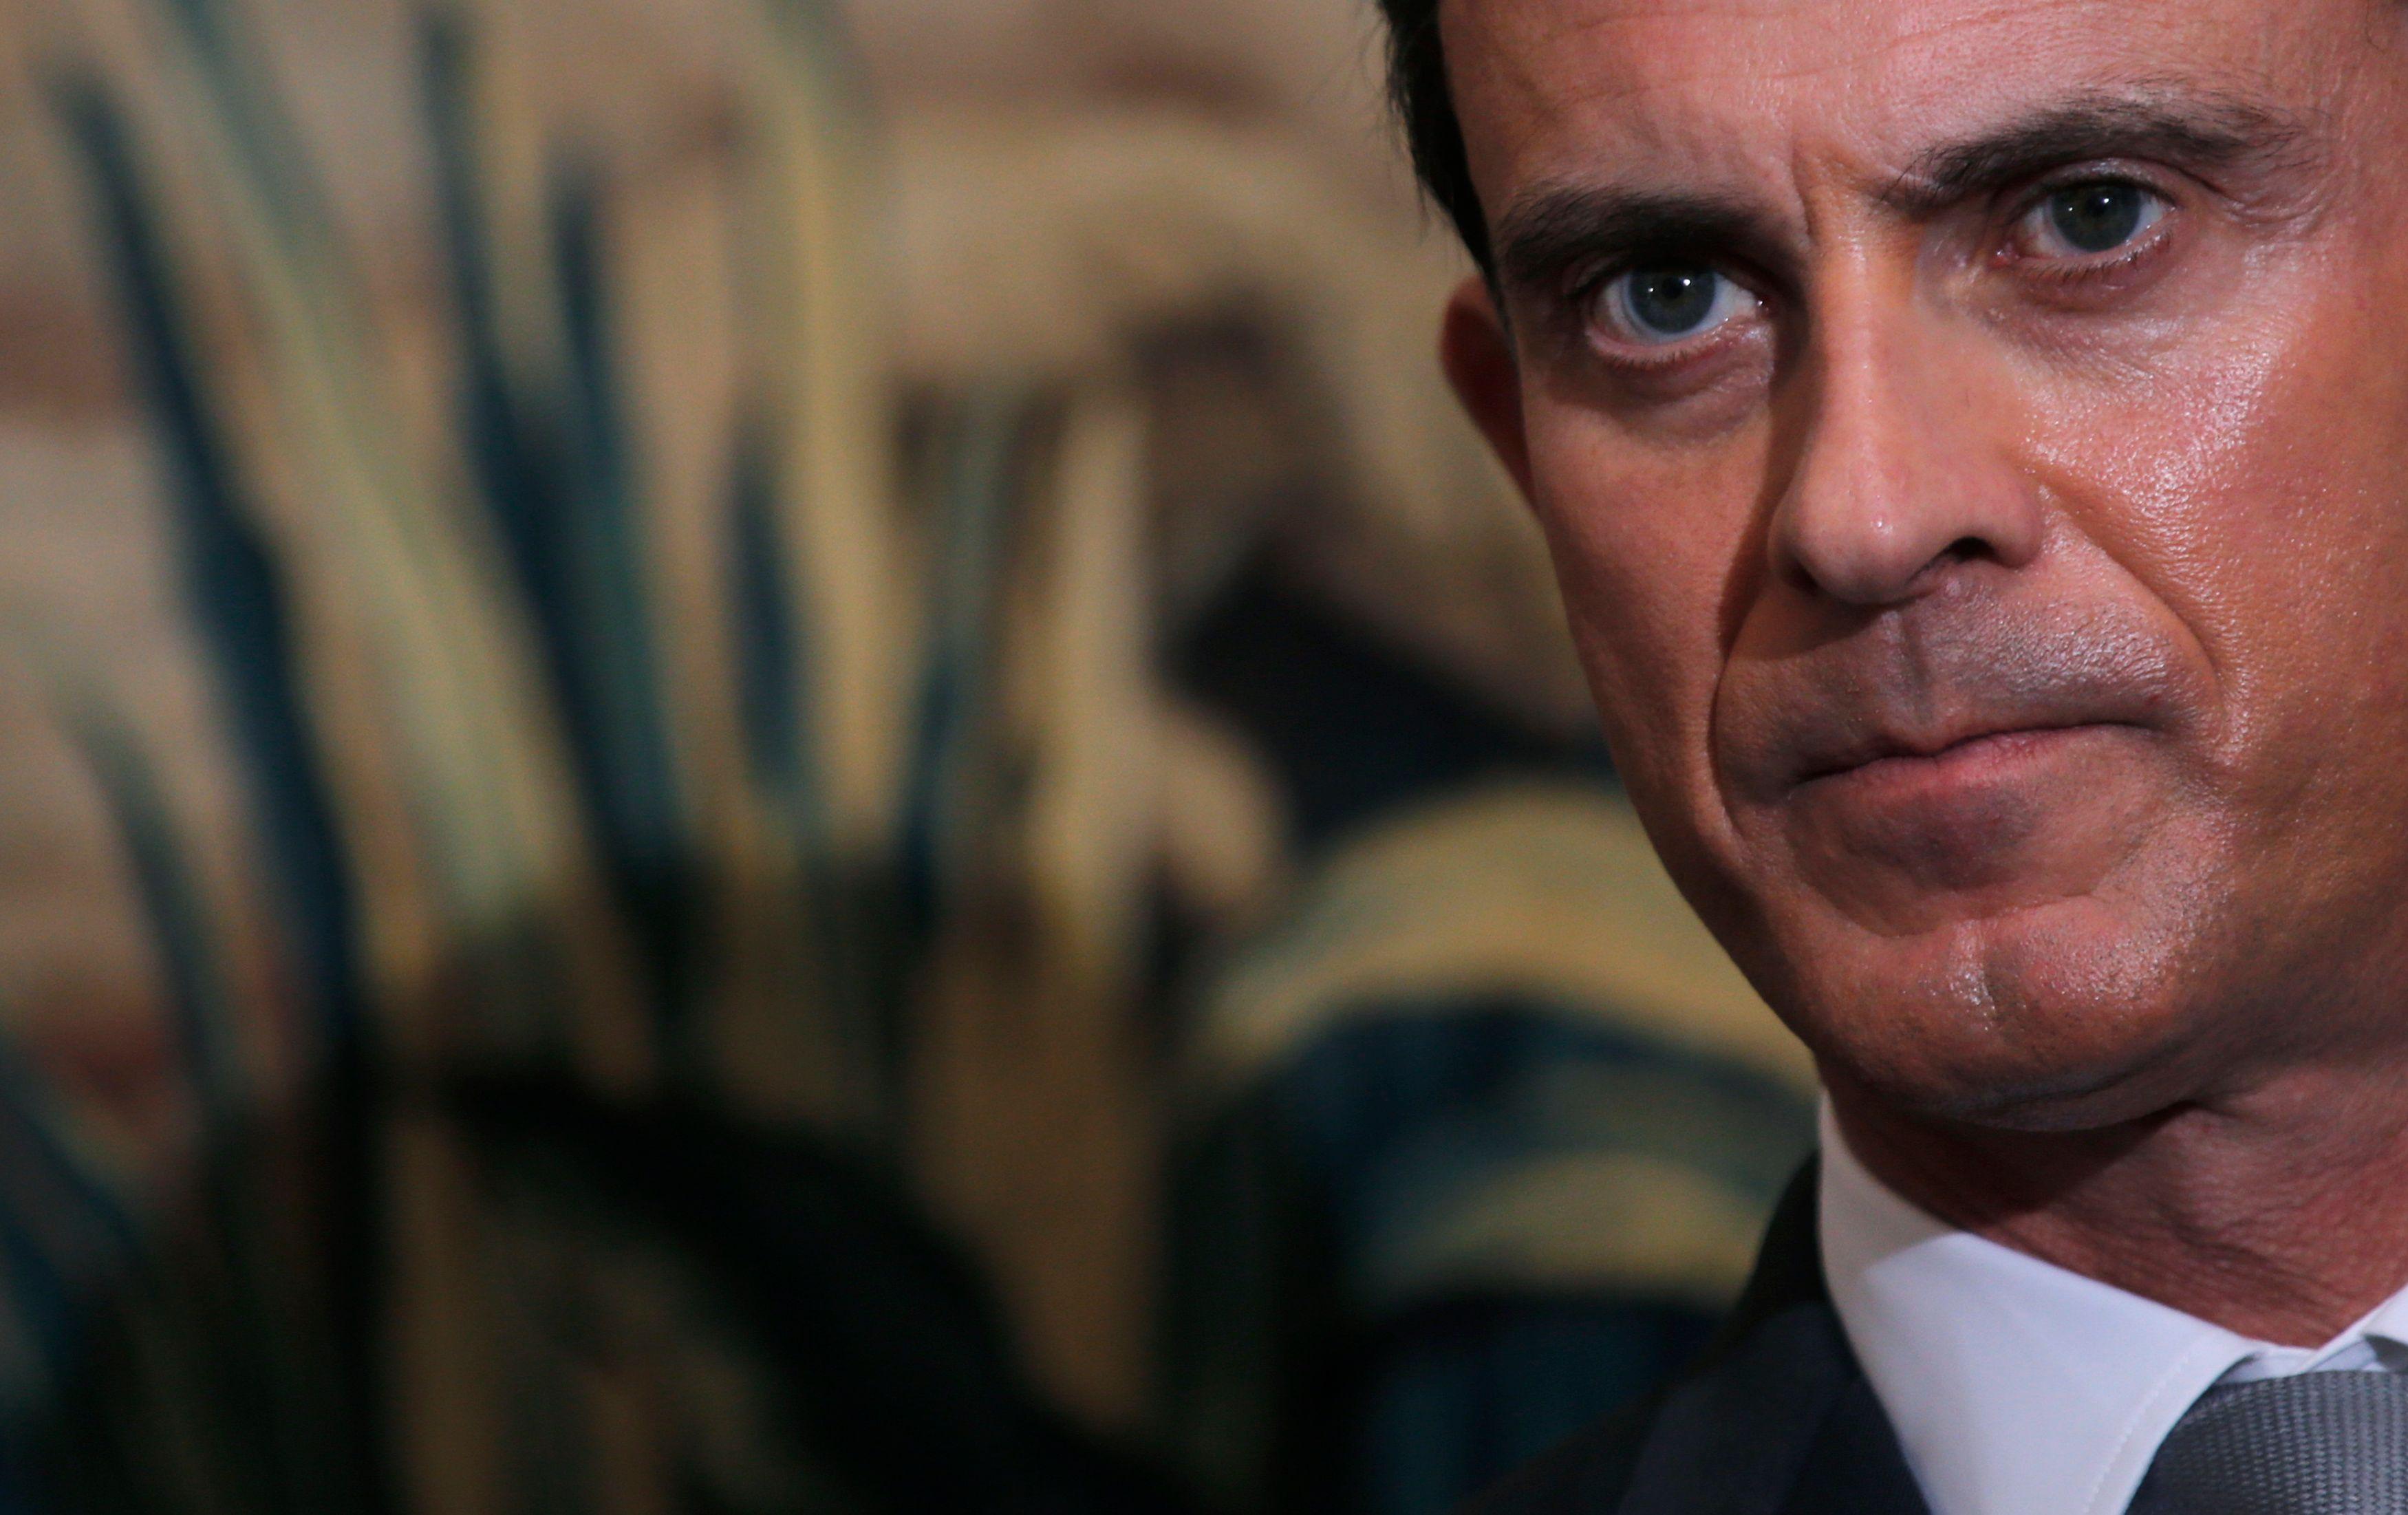 """Primaire de la gauche : Manuel Valls n'exclut pas de se présenter contre Hollande et prendra """"sa décision en conscience"""""""